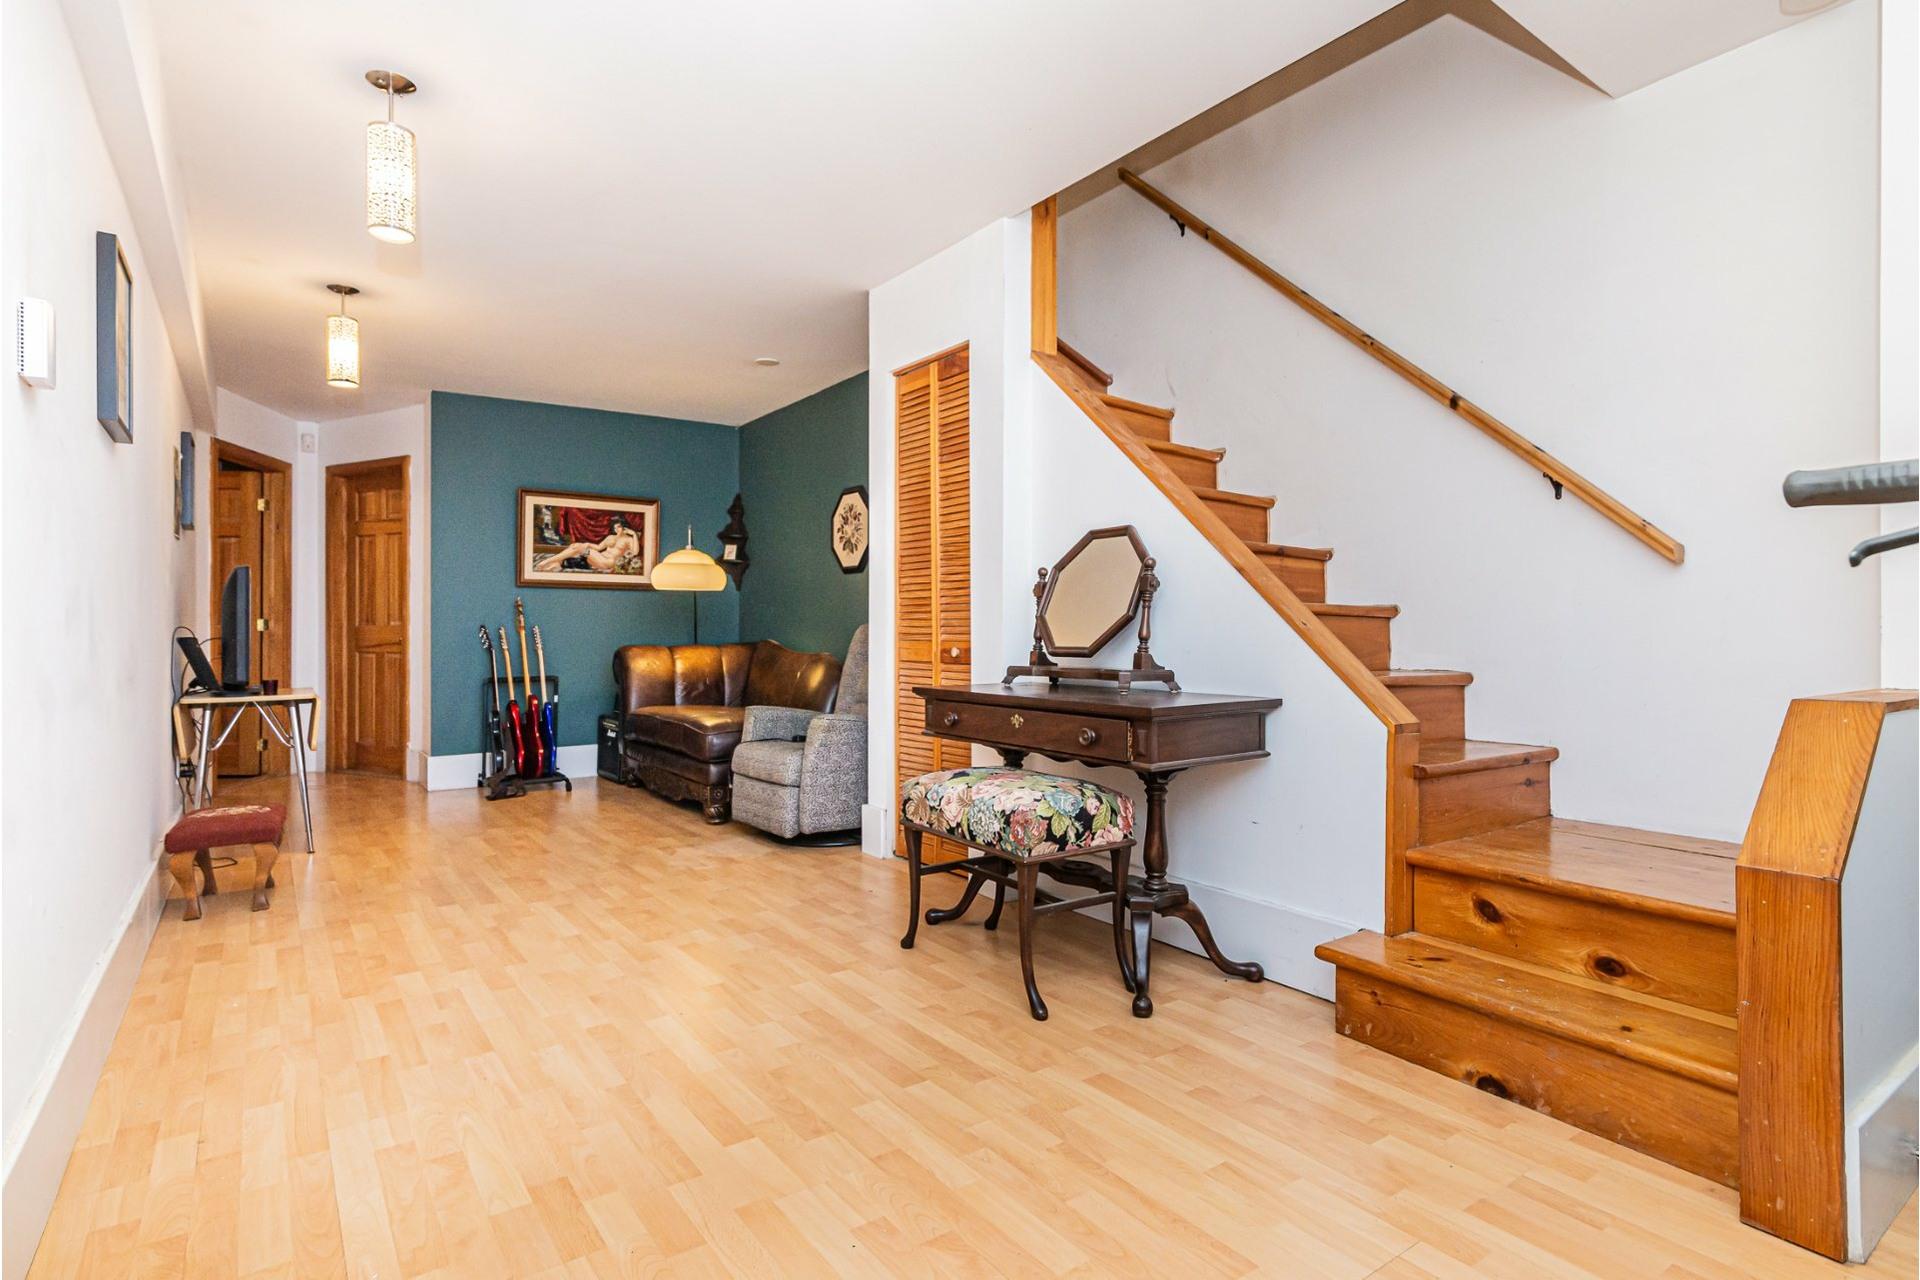 image 14 - Duplex À vendre Côte-des-Neiges/Notre-Dame-de-Grâce Montréal  - 5 pièces